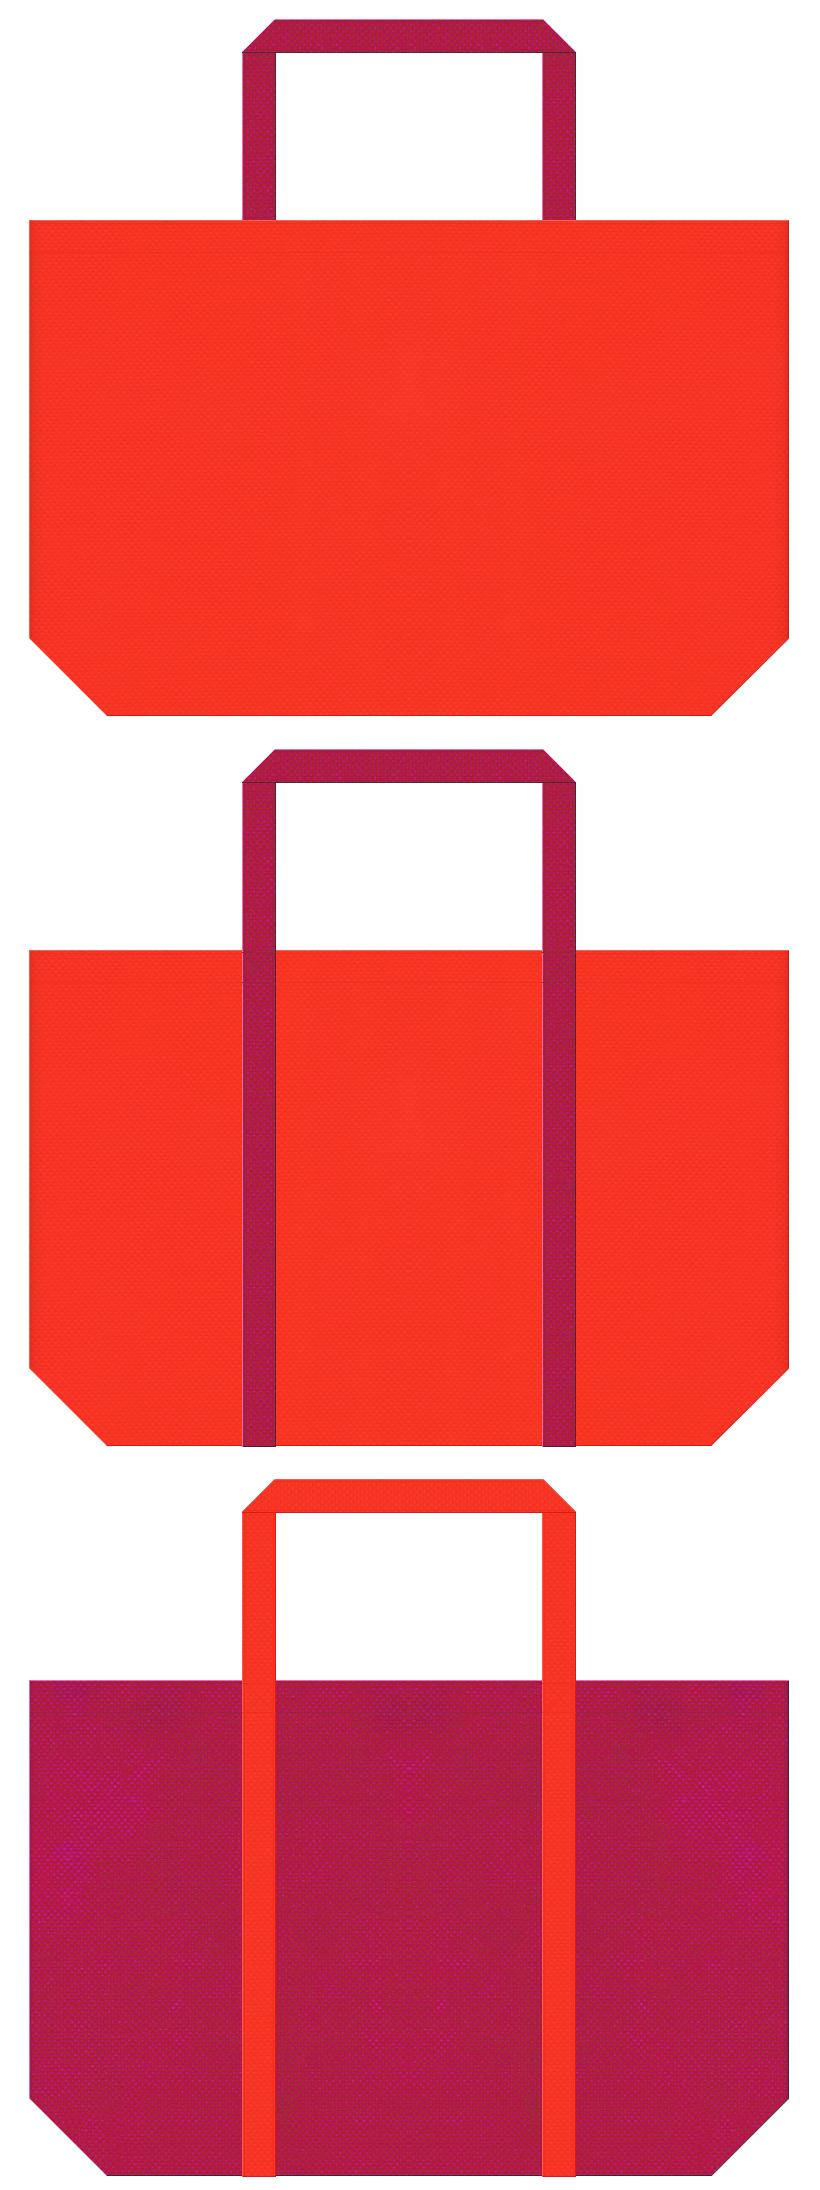 フルーツ・カクテル・トロピカル・南国リゾート・トラベルバッグにお奨めの不織布バッグデザイン:オレンジ色と濃いピンク色のコーデ